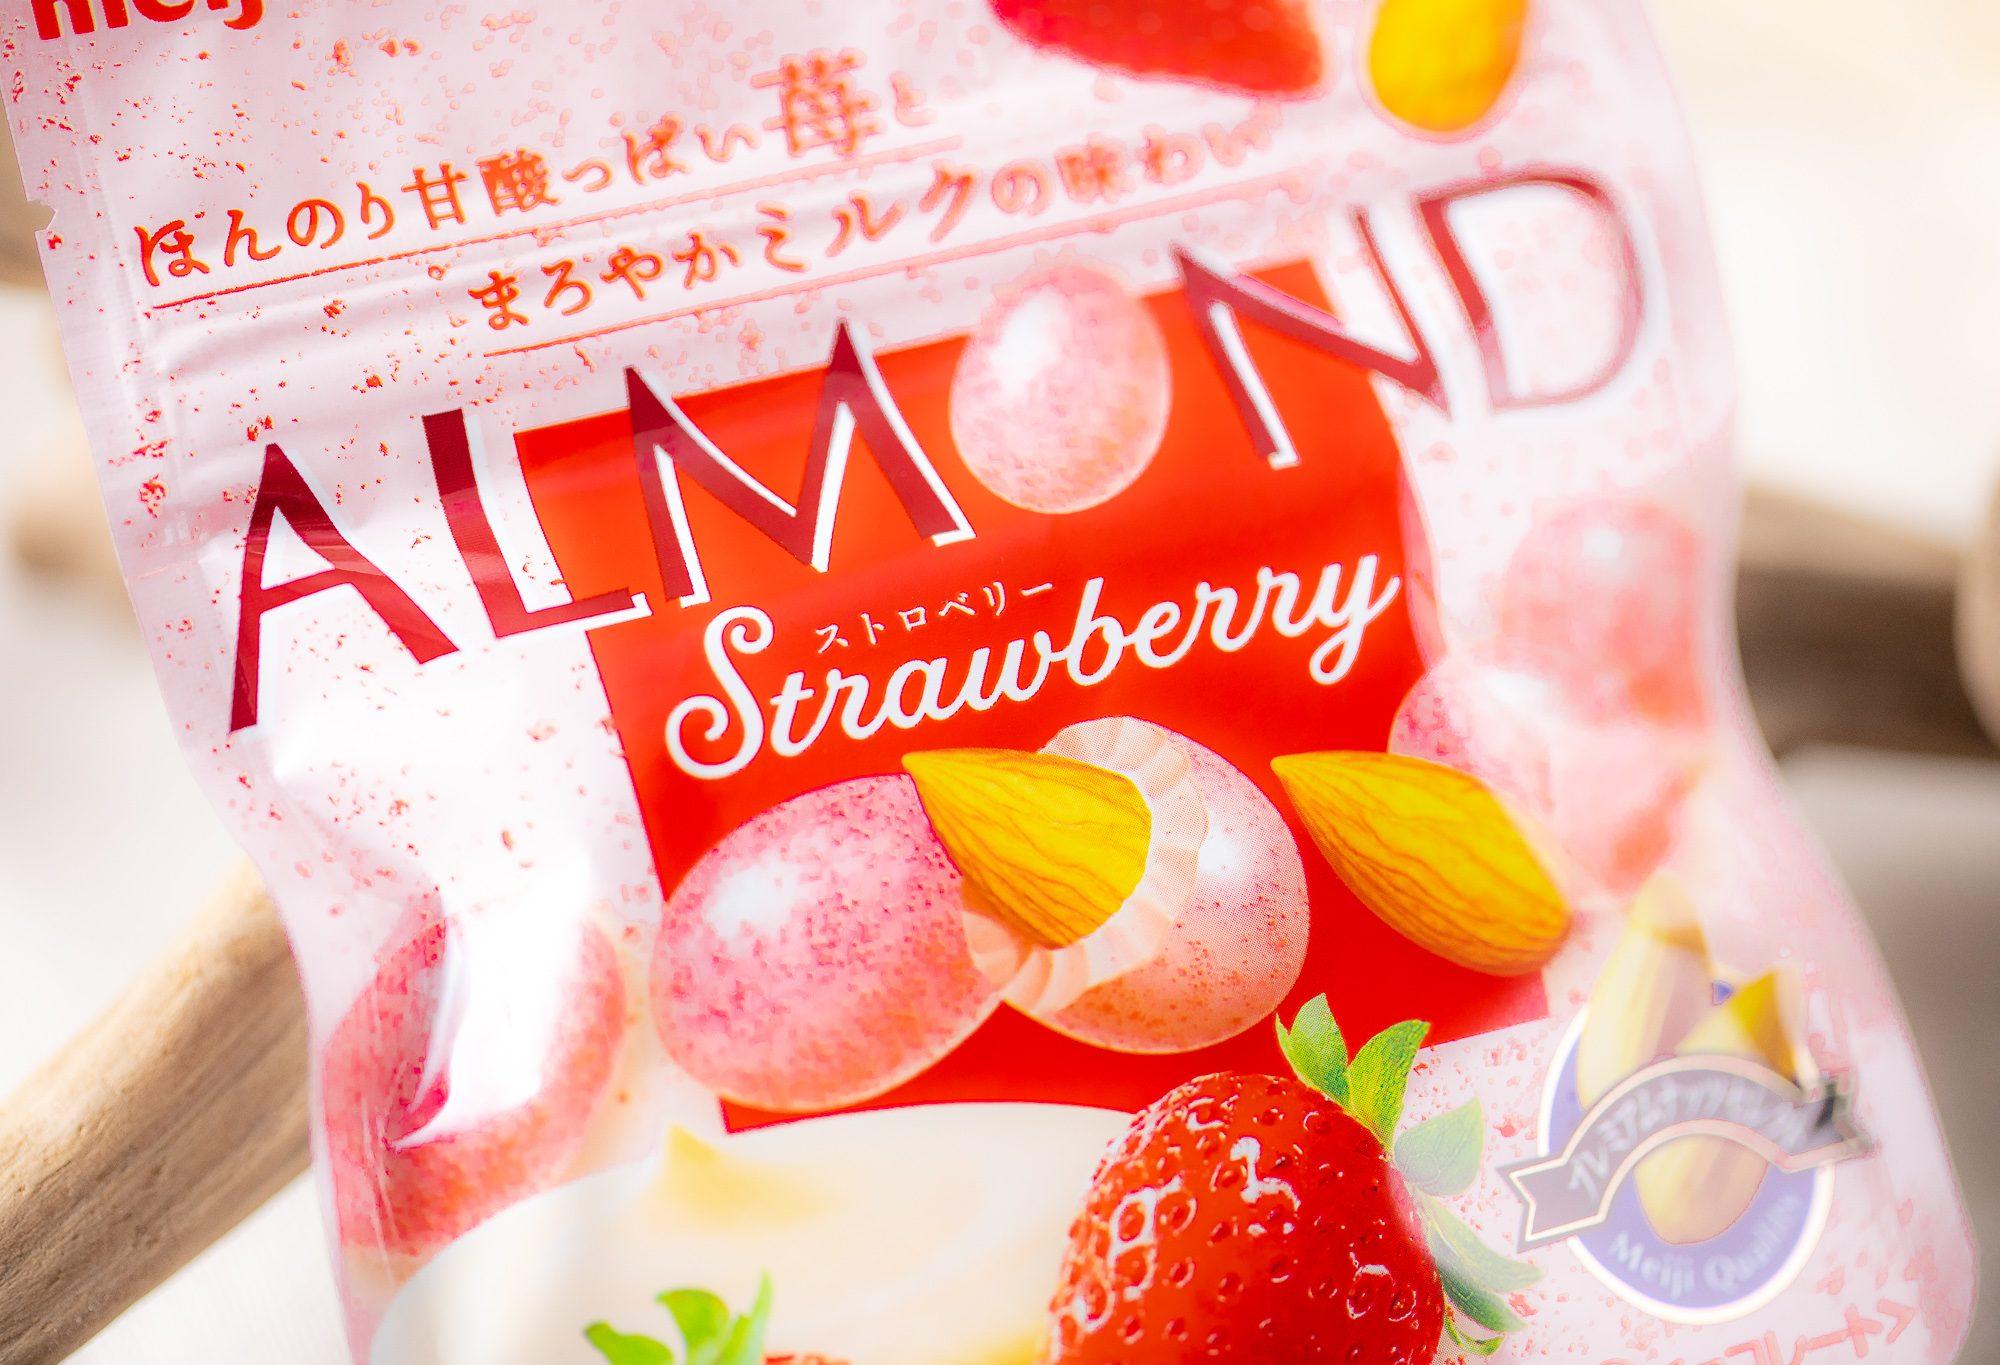 明治『アーモンドチョコレートストロベリー 47g』はミルクの深いコクにストロベリーの香りとほのかな酸味が美味しい準チョコレート!